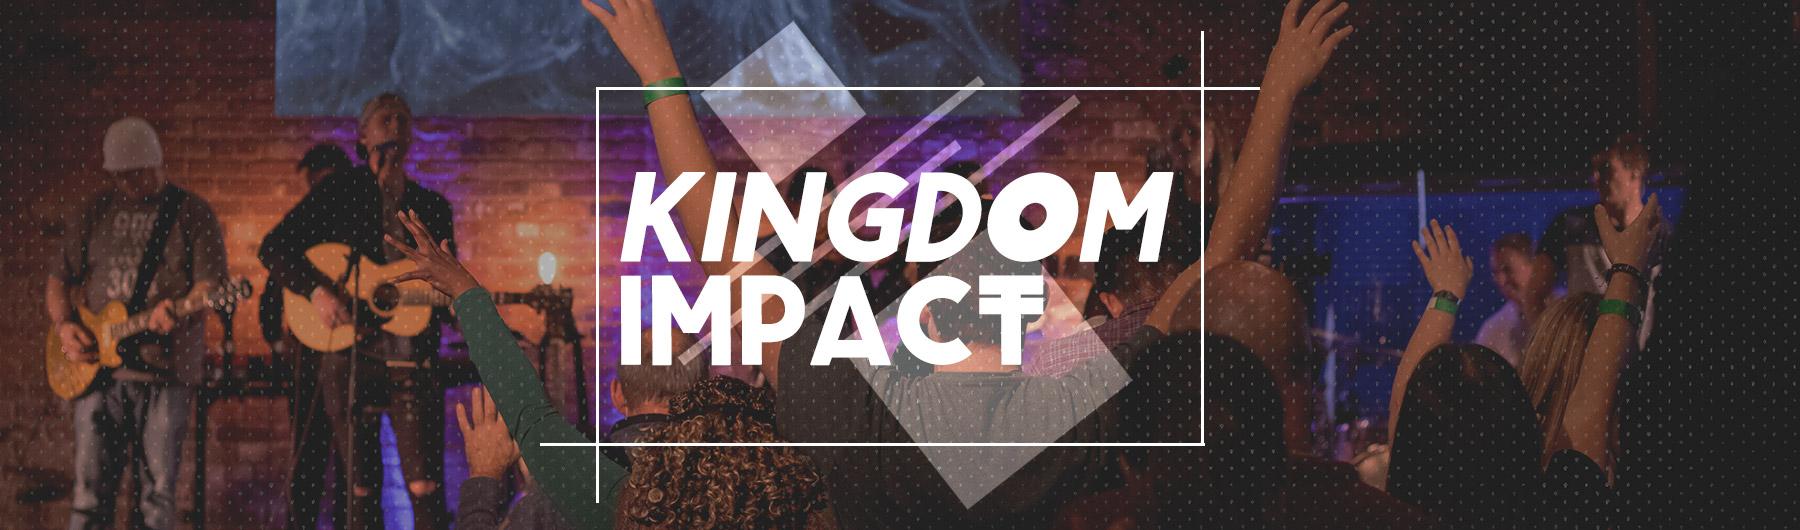 Kingdom Impact 2019